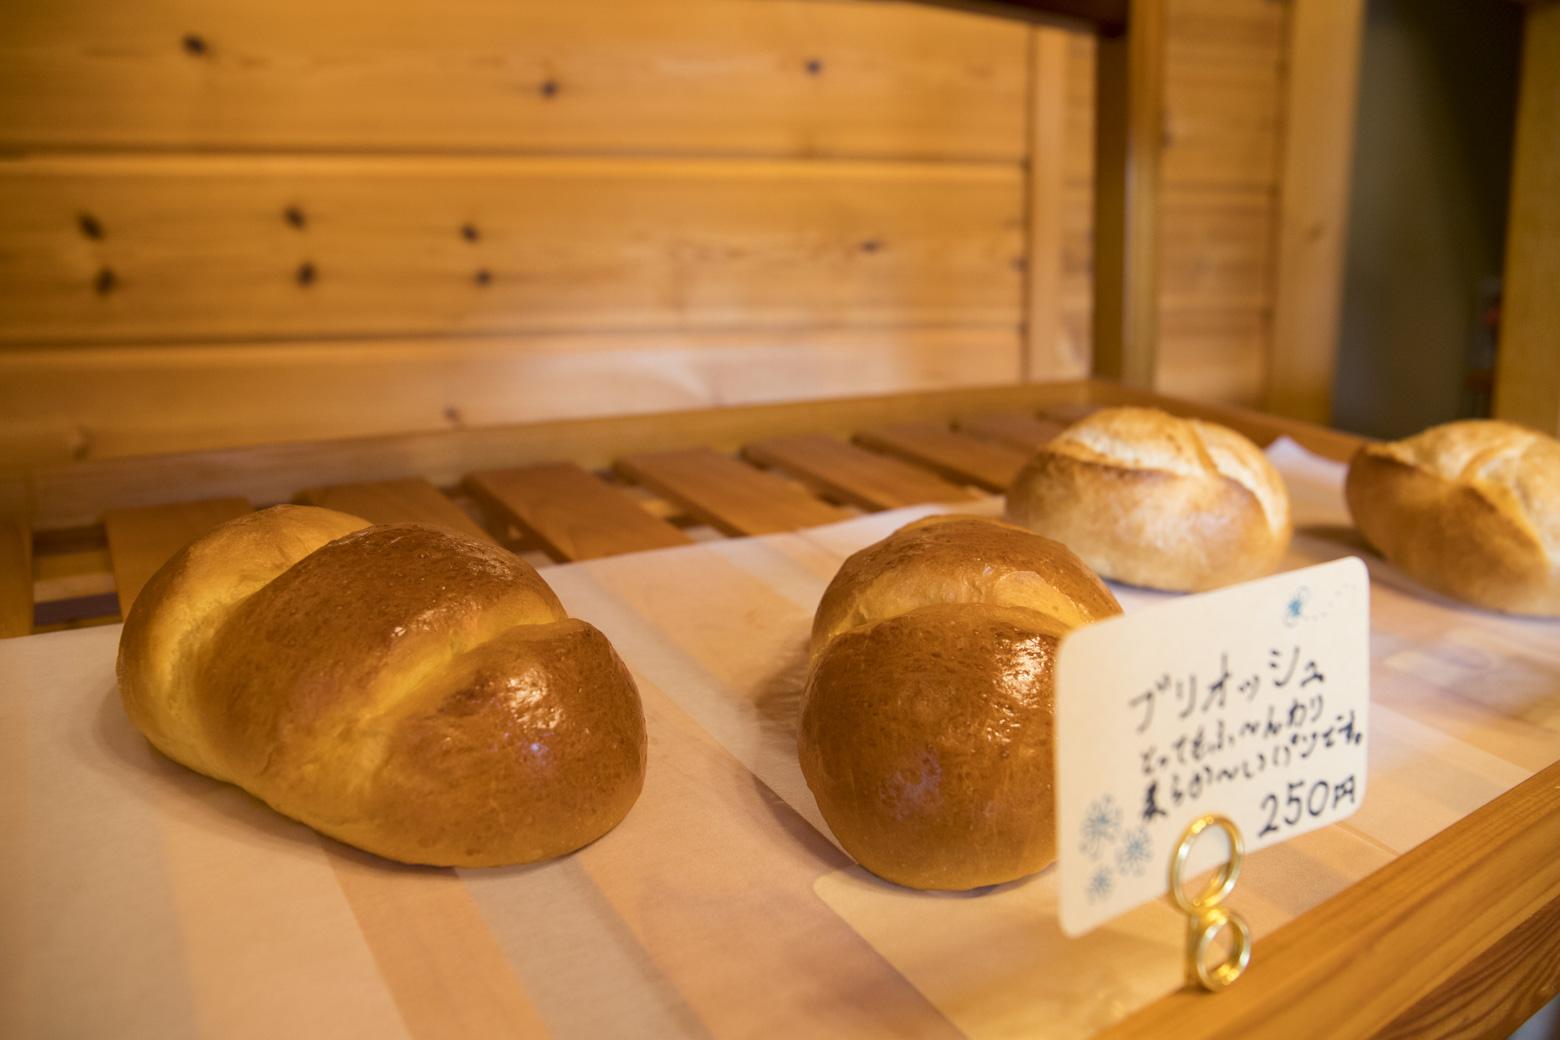 パンの山のブリオッシュ